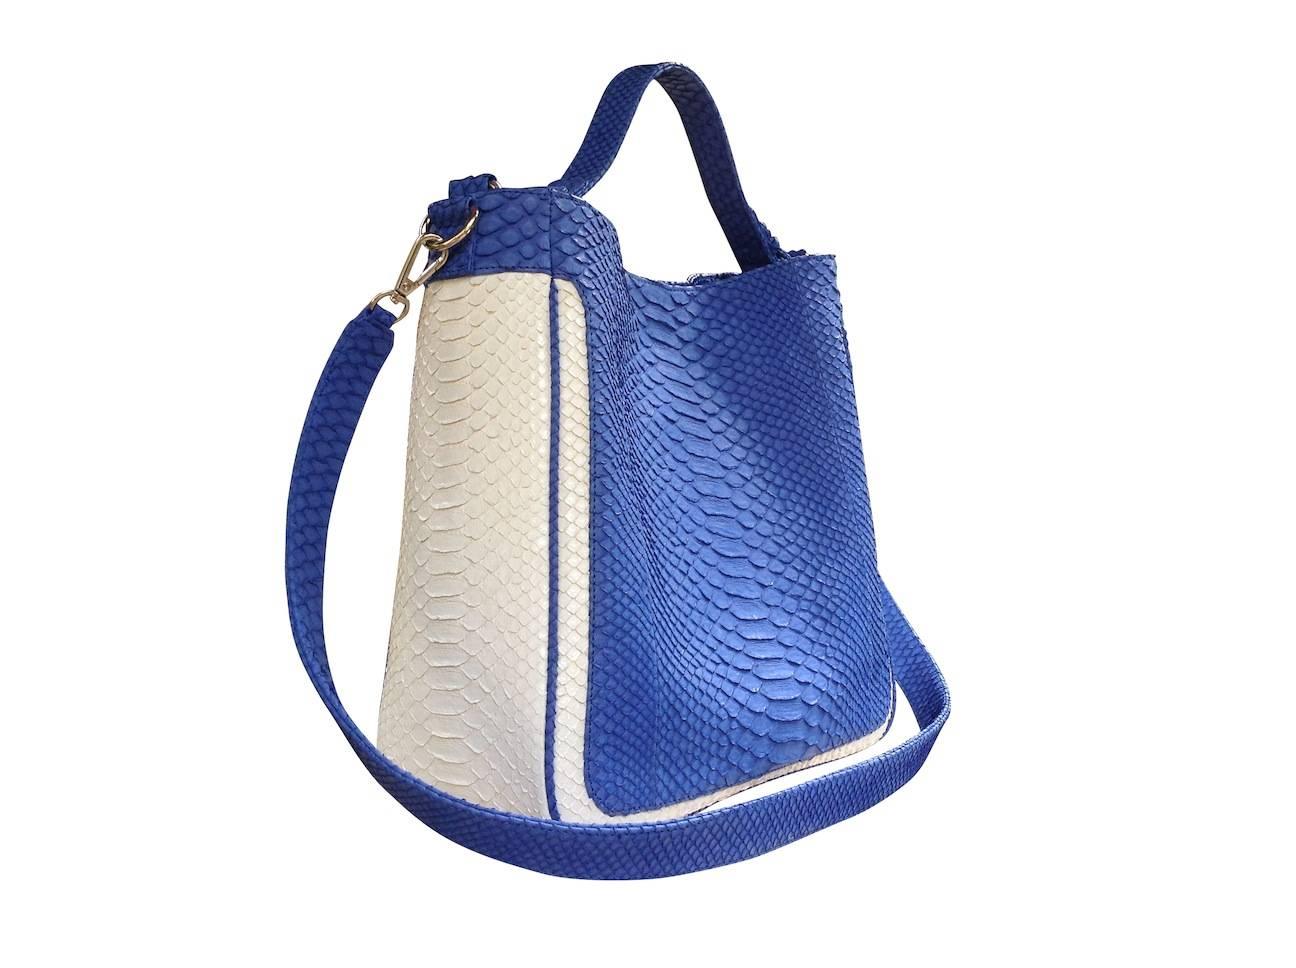 Suzy Q Genuine Python Tote Handbag